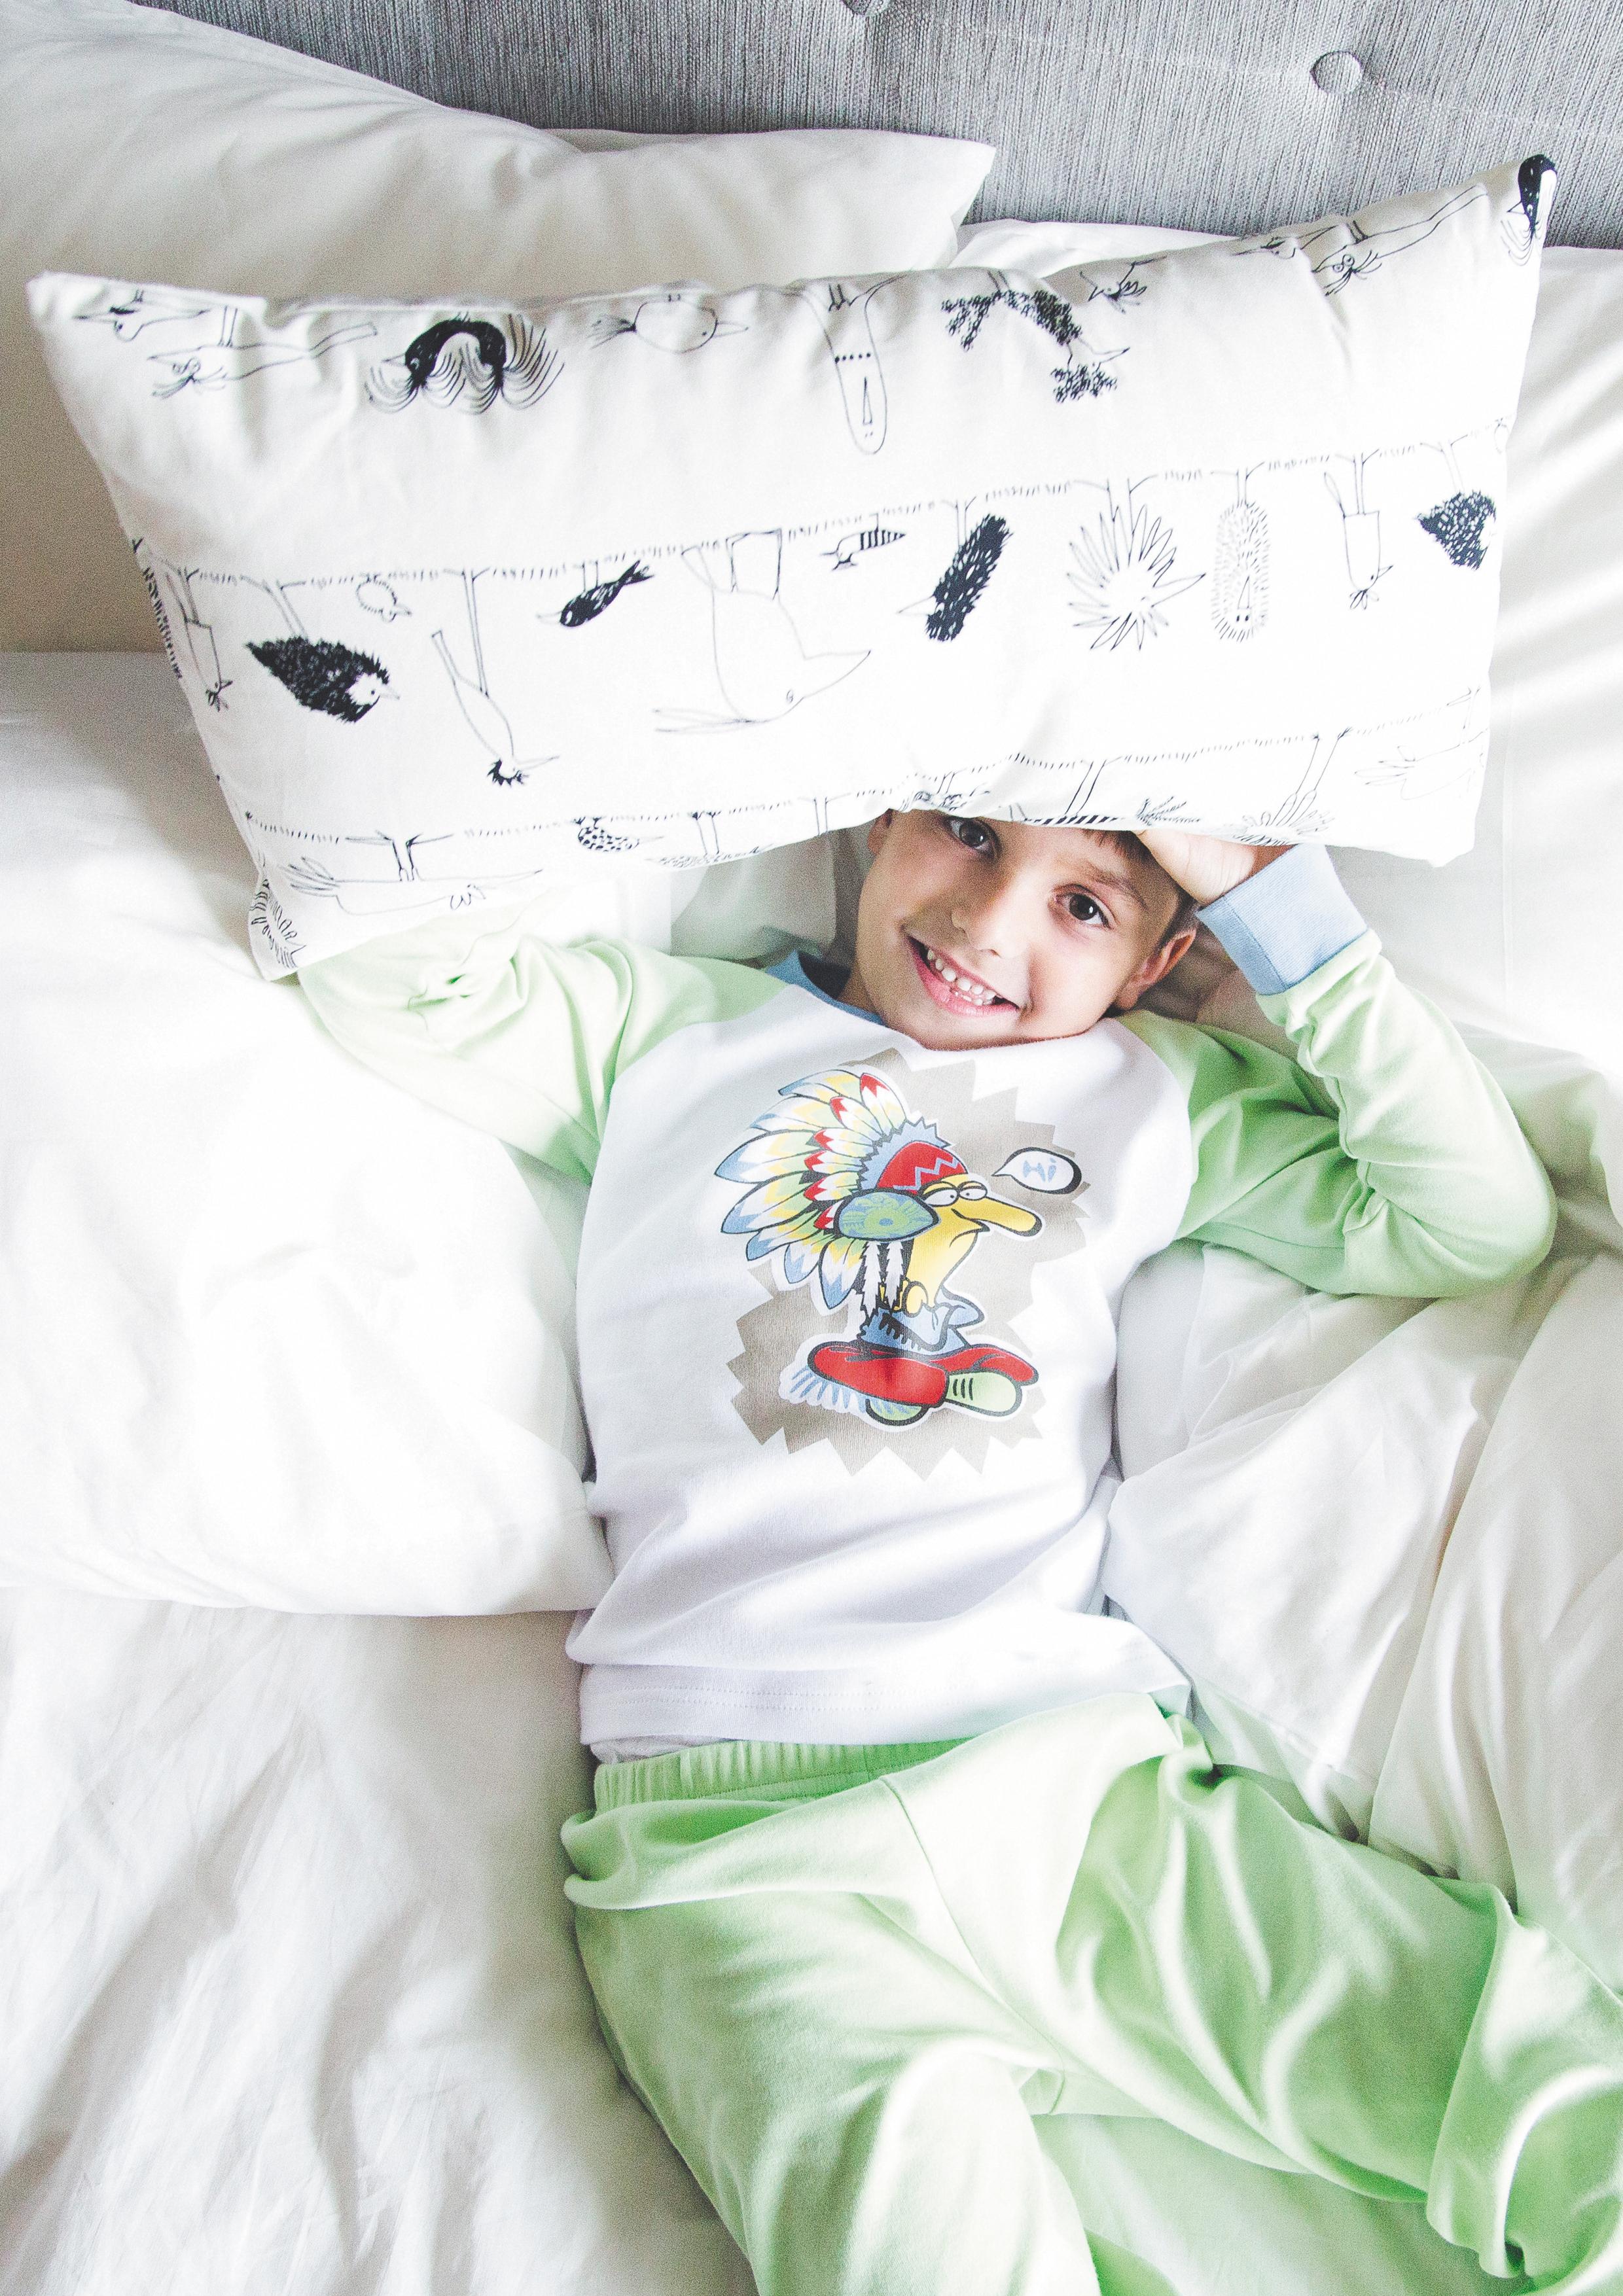 Сбор заказов. Kogankids - новый российский бренд детской дизайнерской одежды! От 3 месяцев до 12 лет. Трикотаж, нижнее